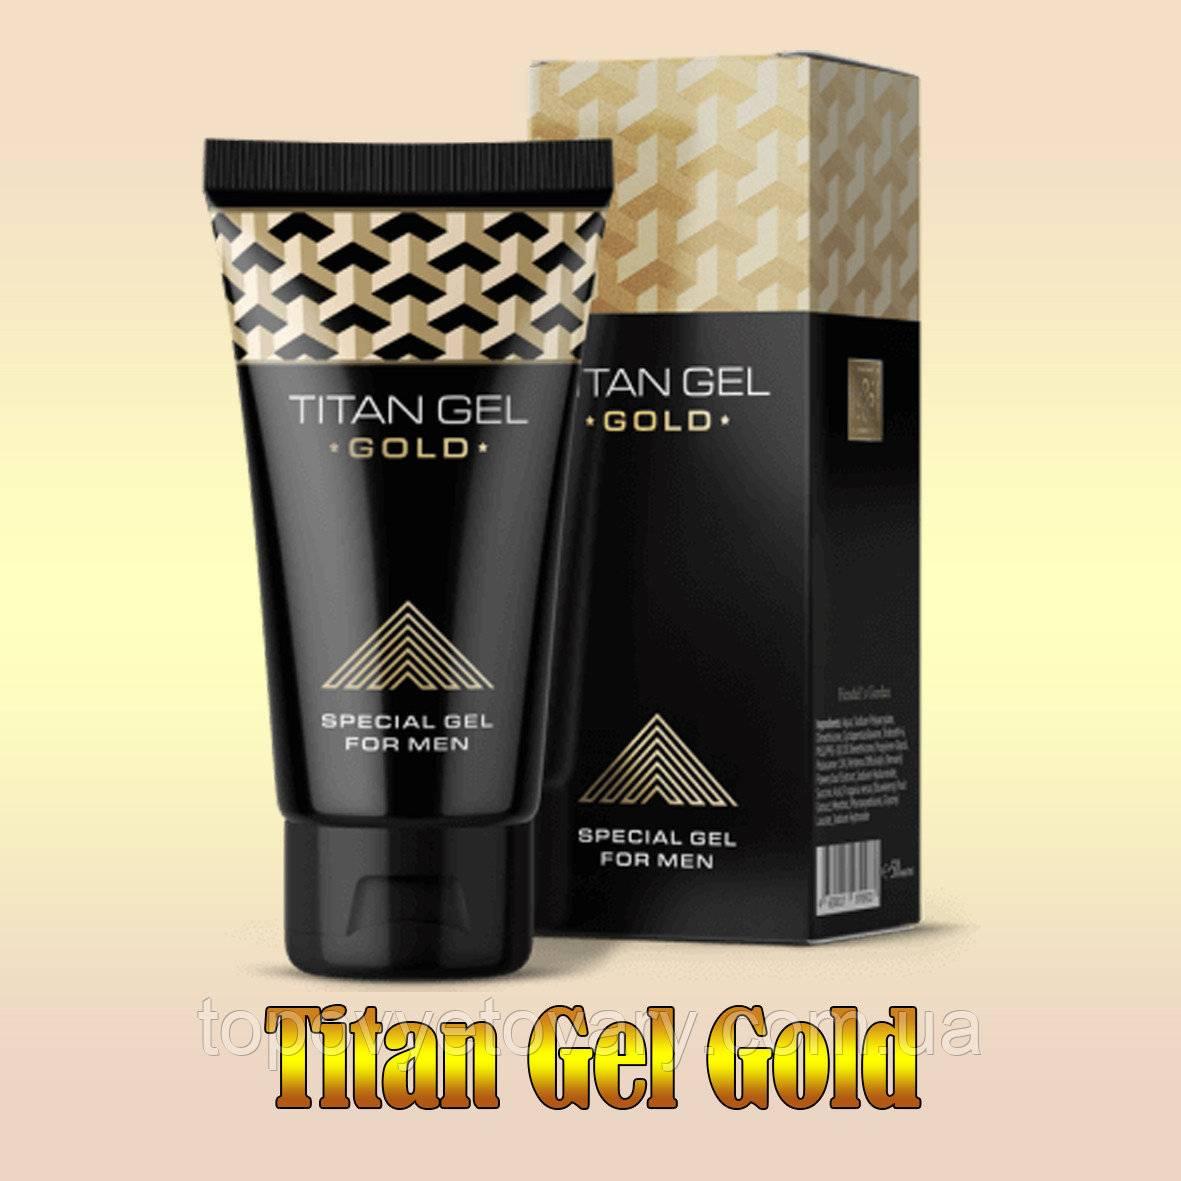 На самом ли деле titan gel дает такие хорошие результаты? и где купить не подделку